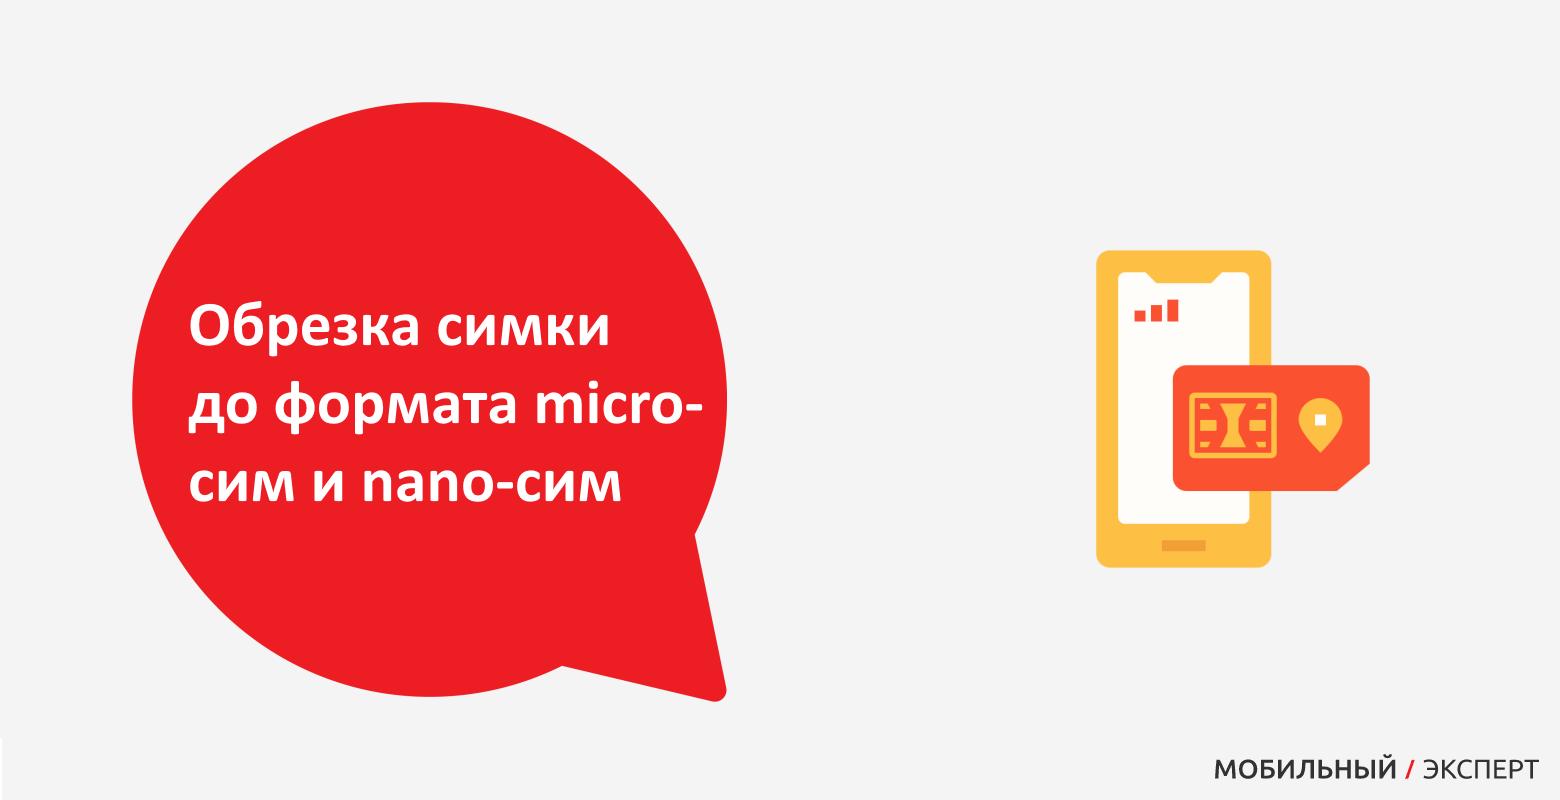 Обрезка СИМ-карты до формата micro-сим и nano-сим